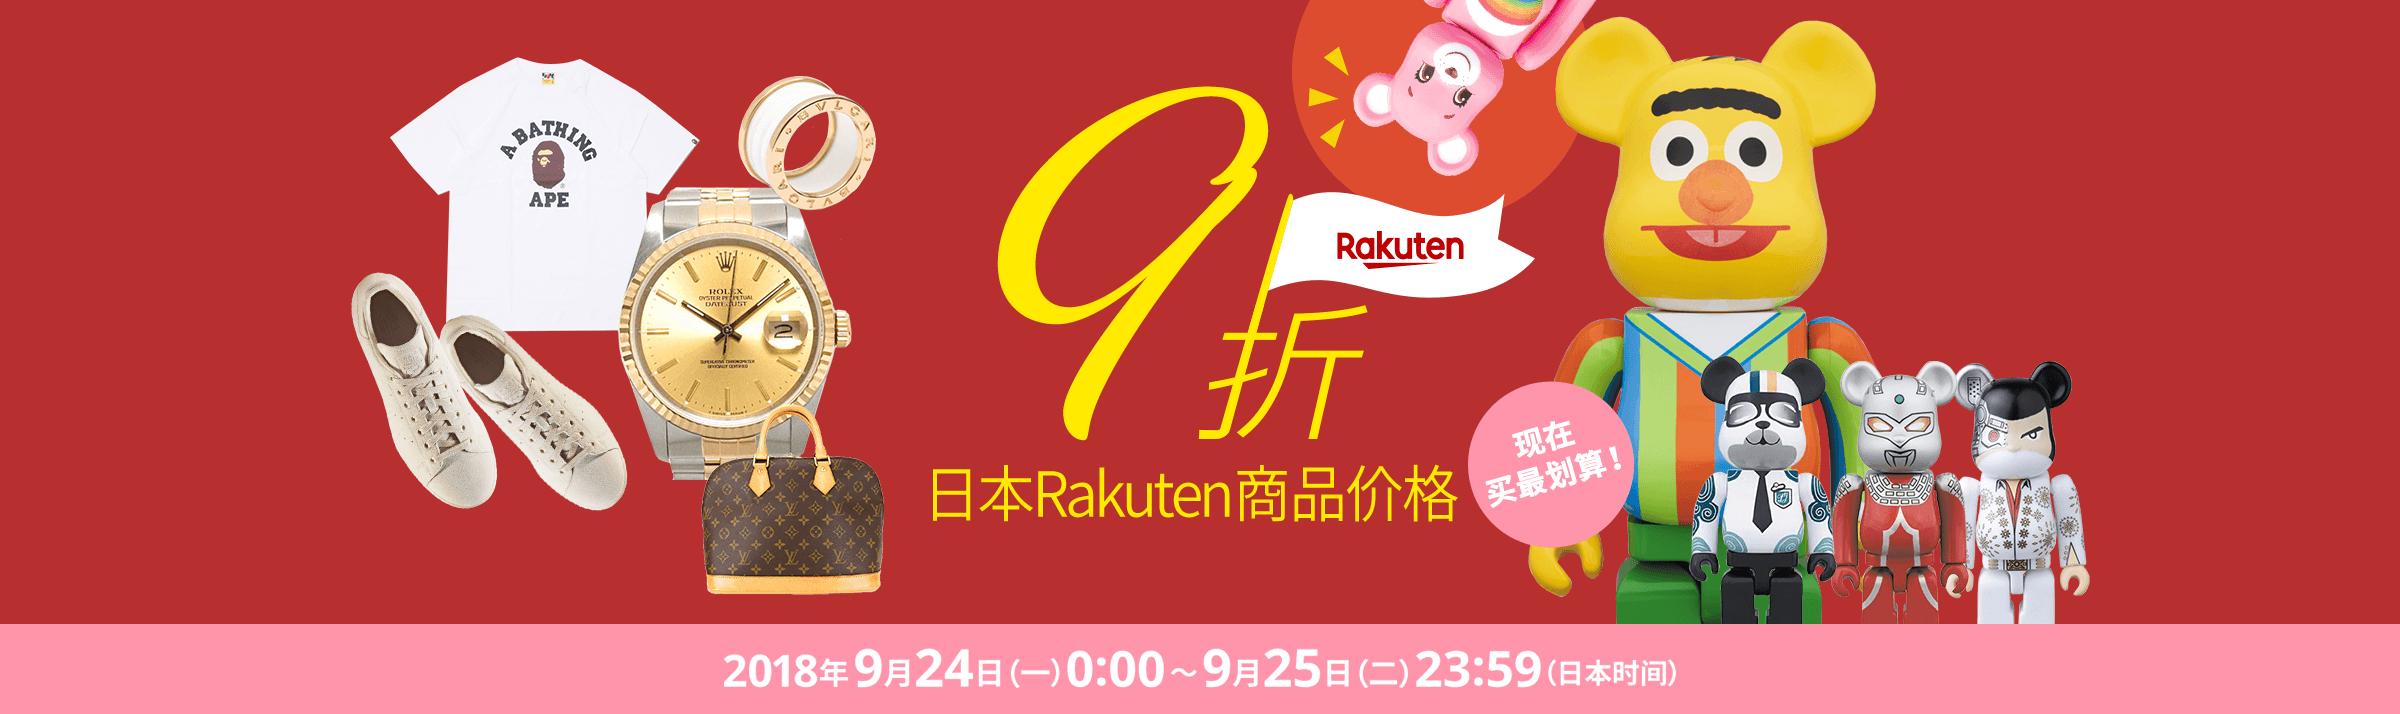 日本Rakuten商品价格9折优惠活动